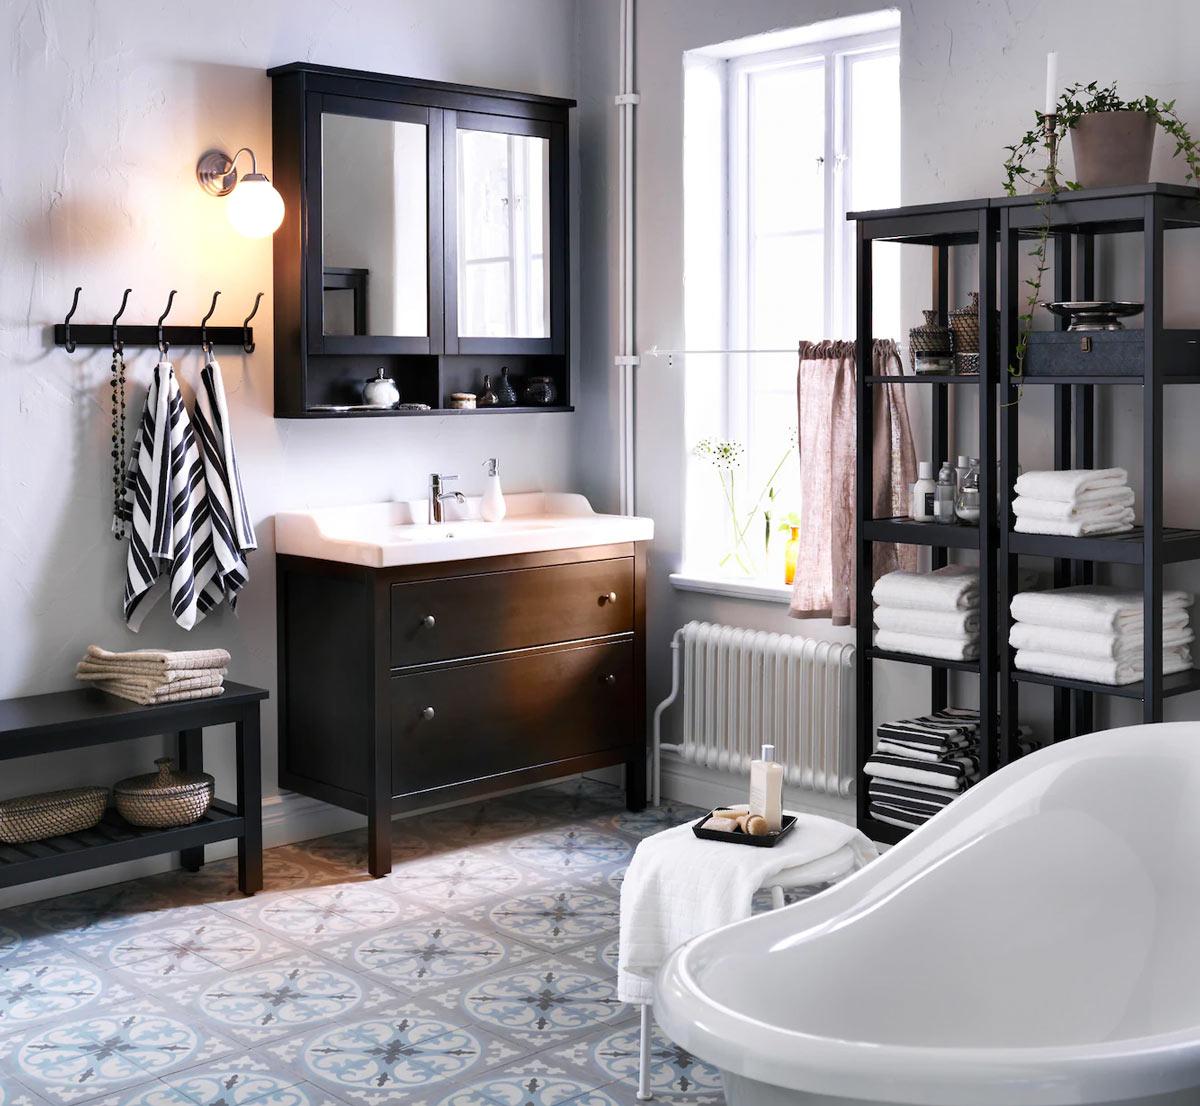 Mobile bagno lilium da 65 cm con due ante in noce o decapè bianco o azzurro lavabo in ceramica. Ikea Bagno I Mobili Del Catalogo 2020 Lasciati Ispirare